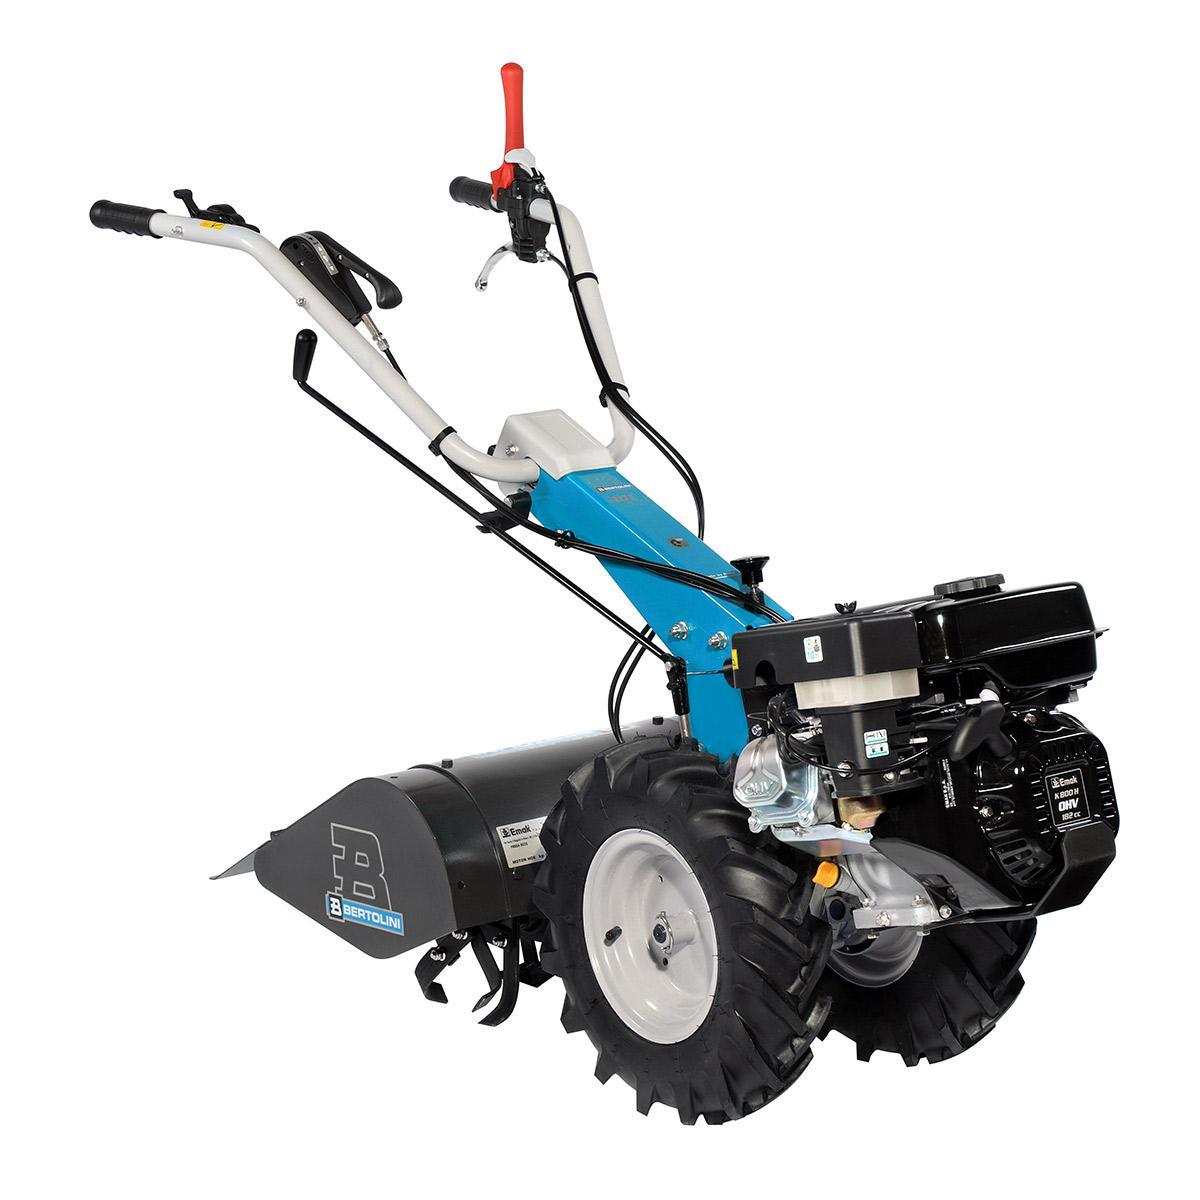 Motocultor Bertolini 401 S precio online